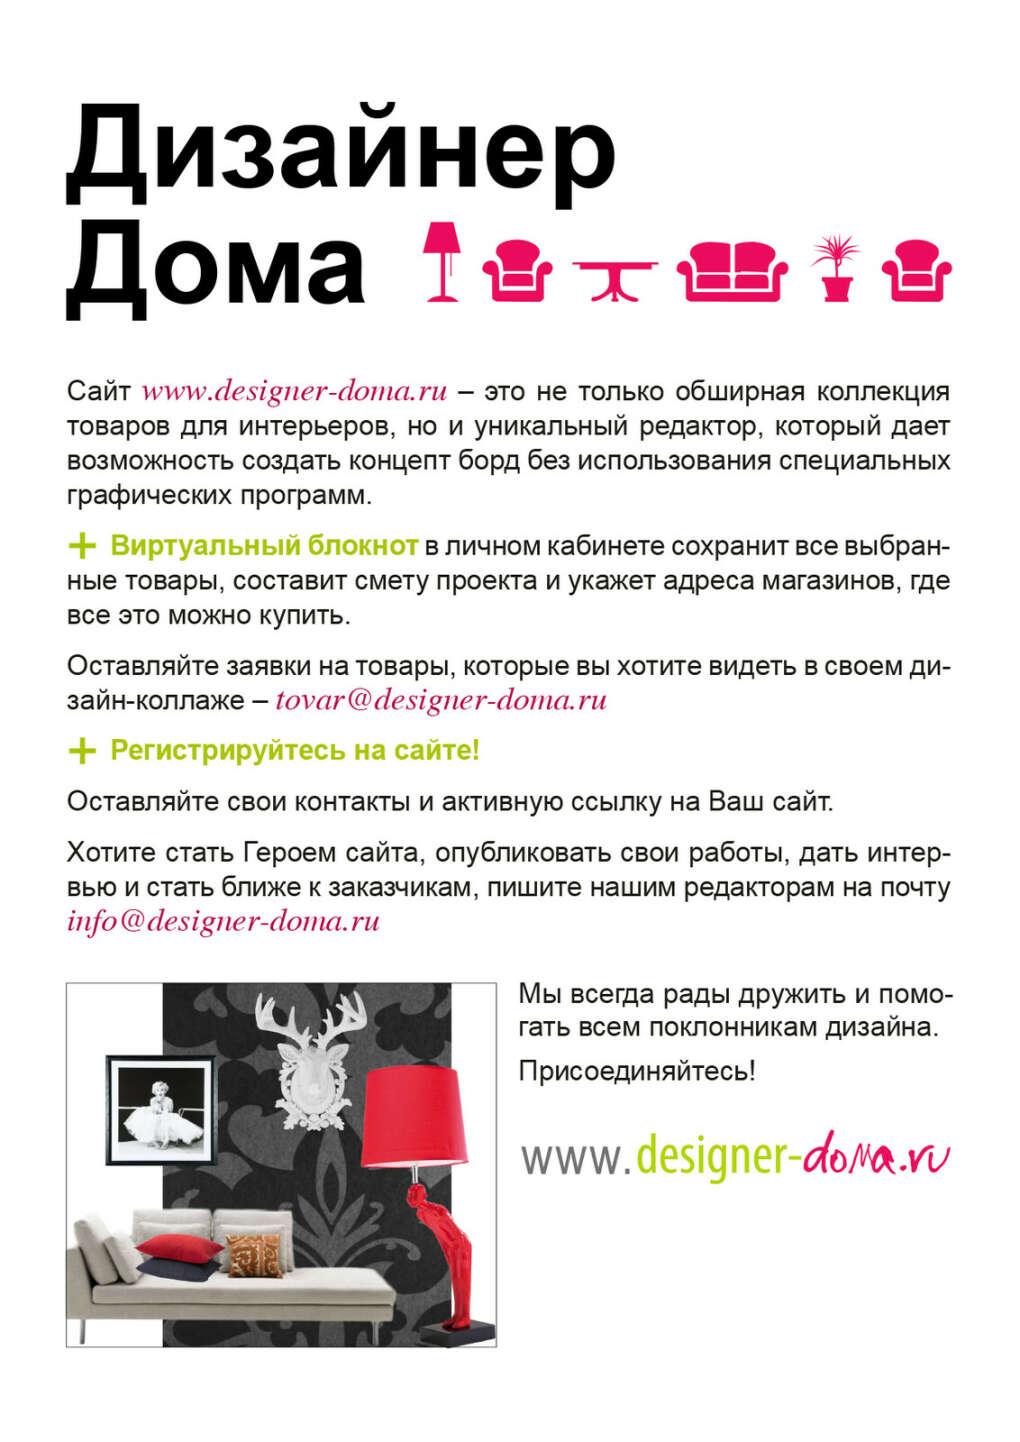 Хочу стать самым полезным сайтом в мире интерьера и дизайна!